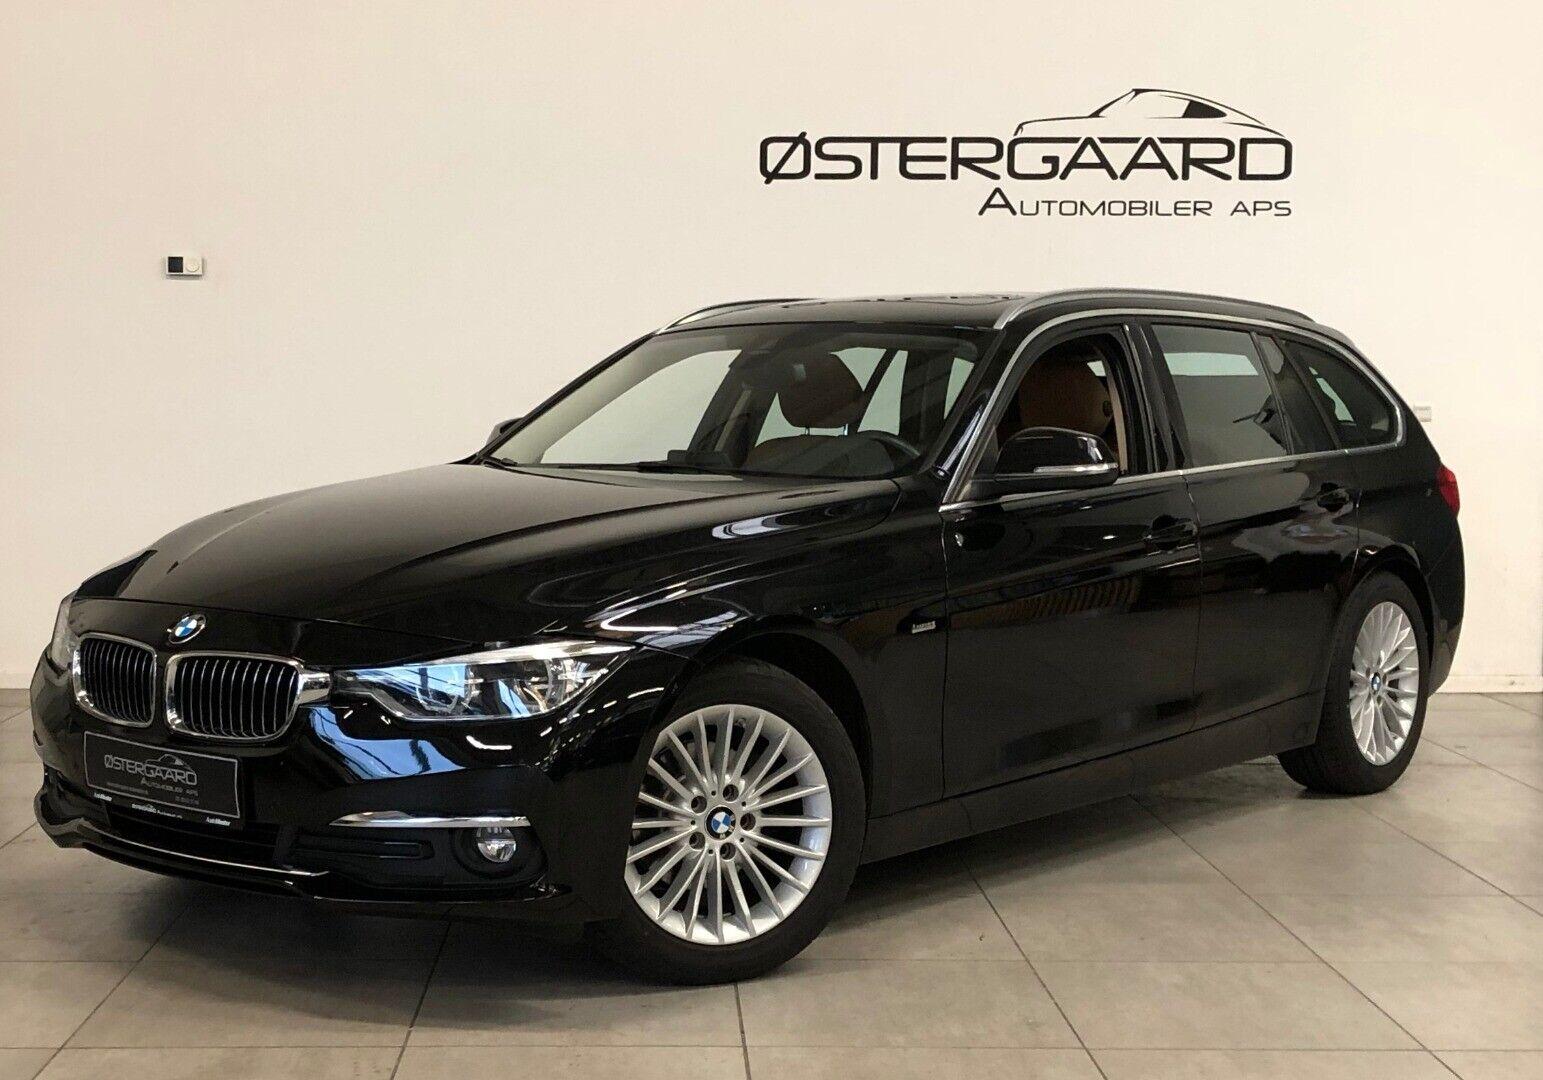 BMW 320d 2,0 Touring Luxury Line aut. ED 5d - 319.900 kr.